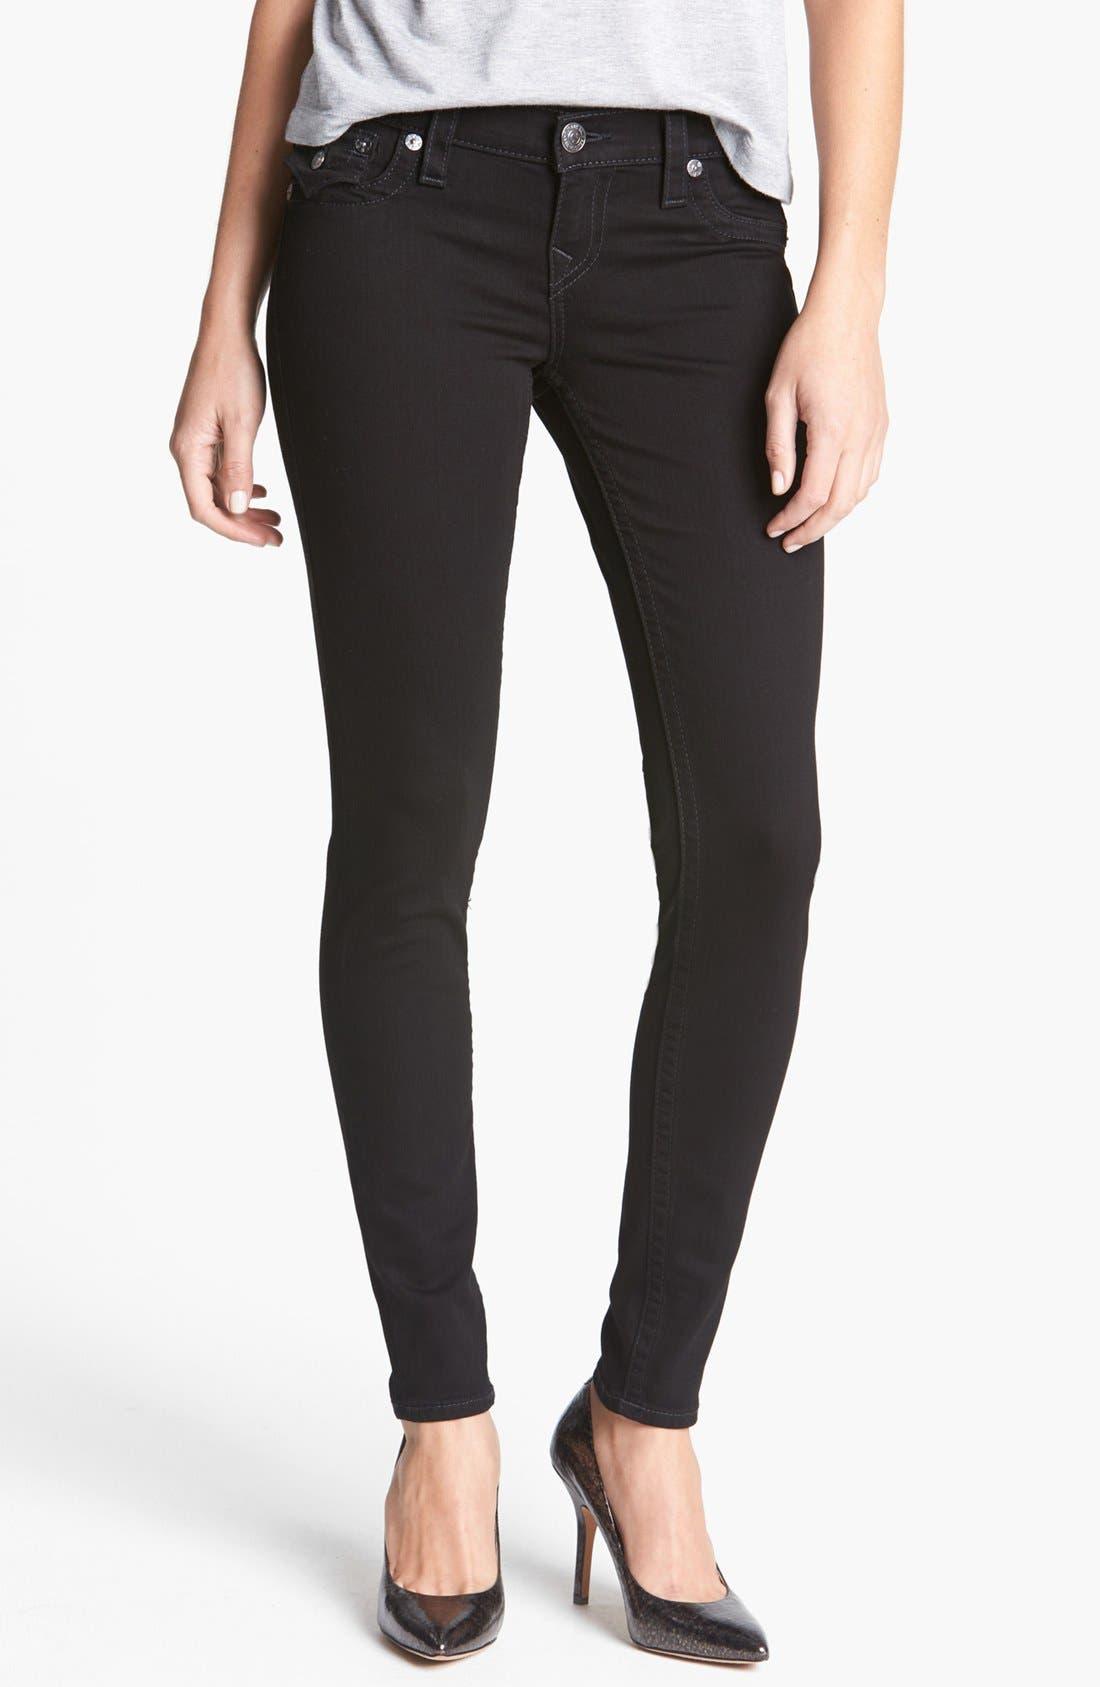 Alternate Image 1 Selected - True Religion Brand Jeans 'Misty' Skinny Denim Leggings (Super Vixen)